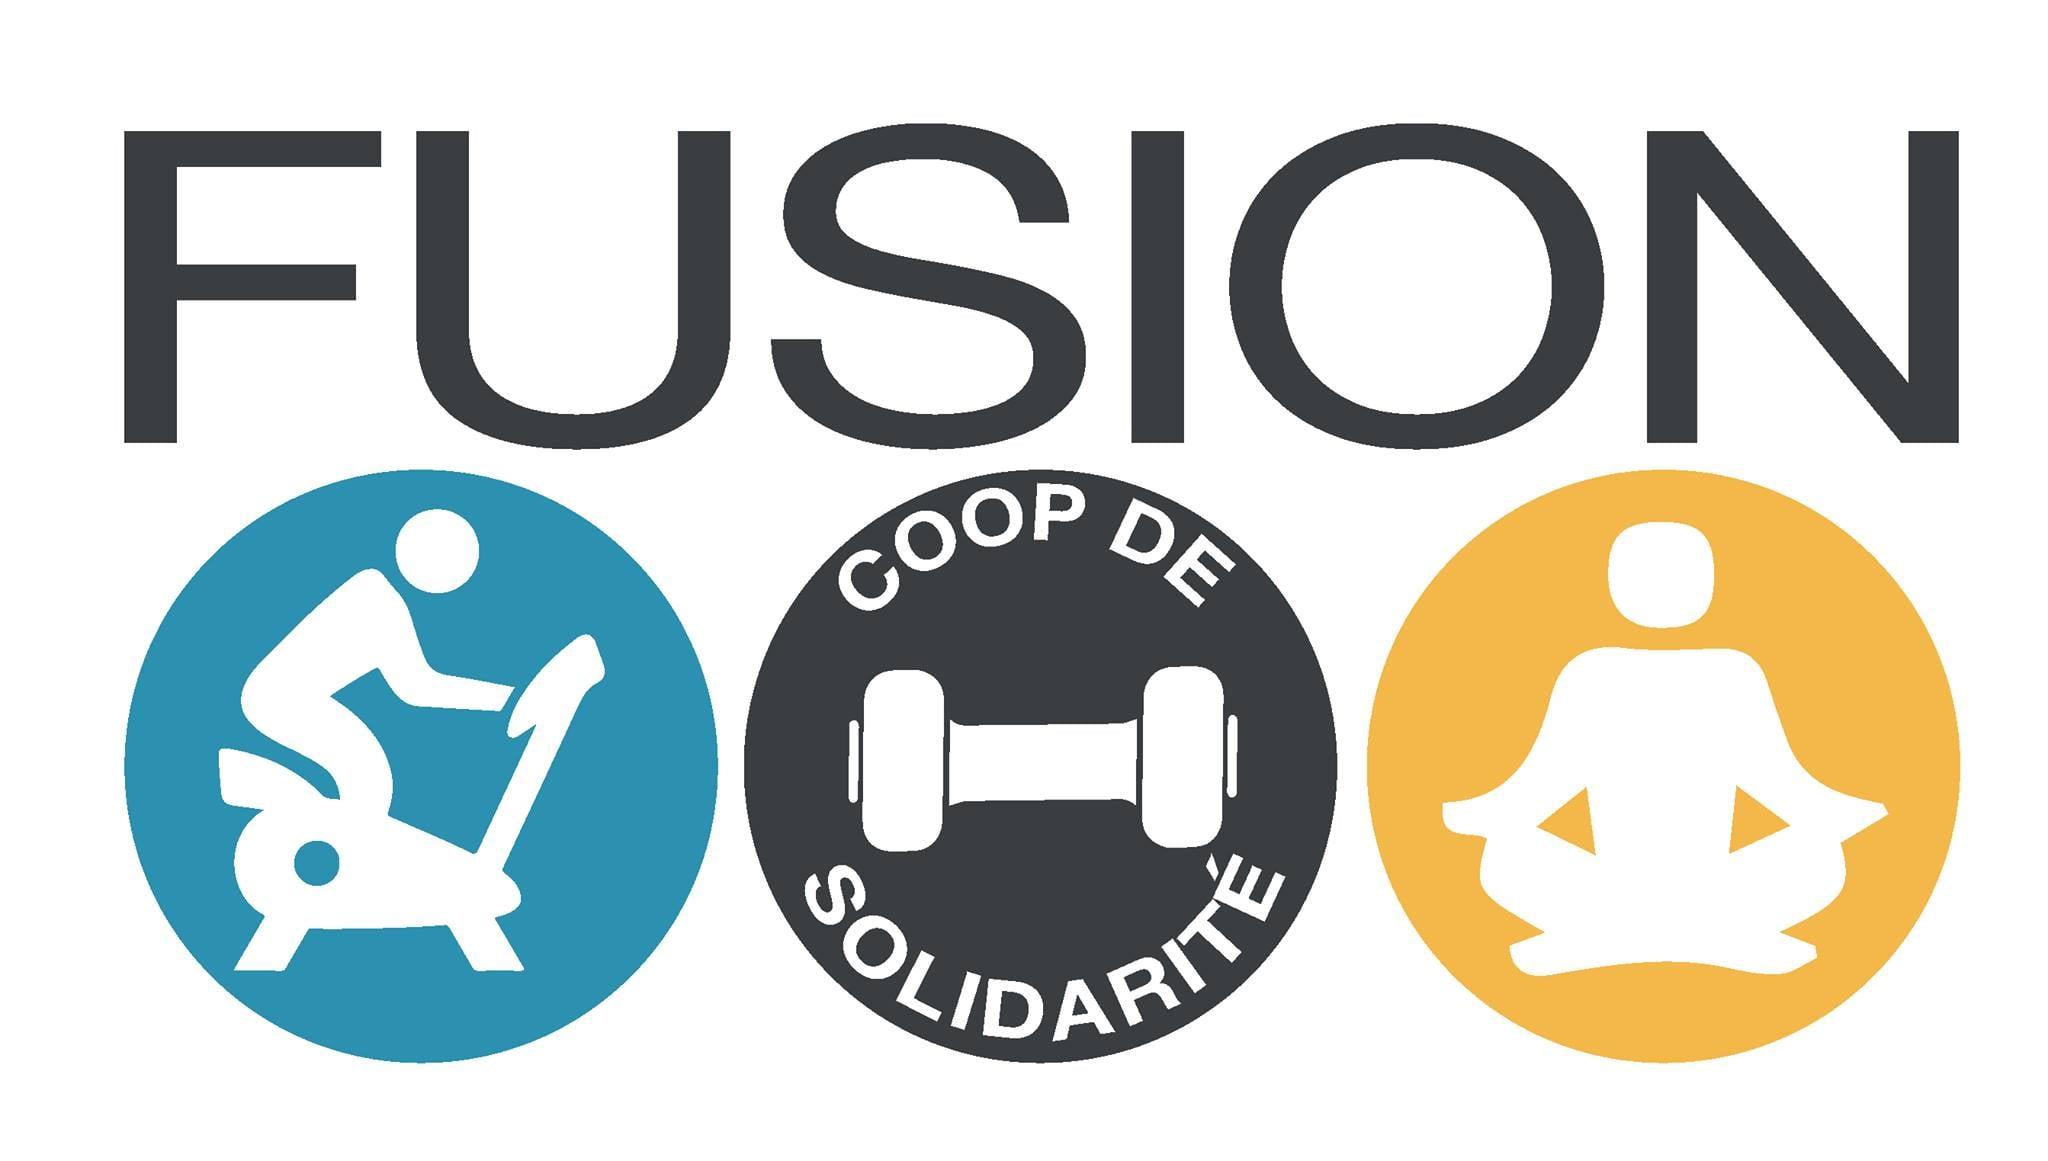 logo de Studio Fusion, coop de solidarité